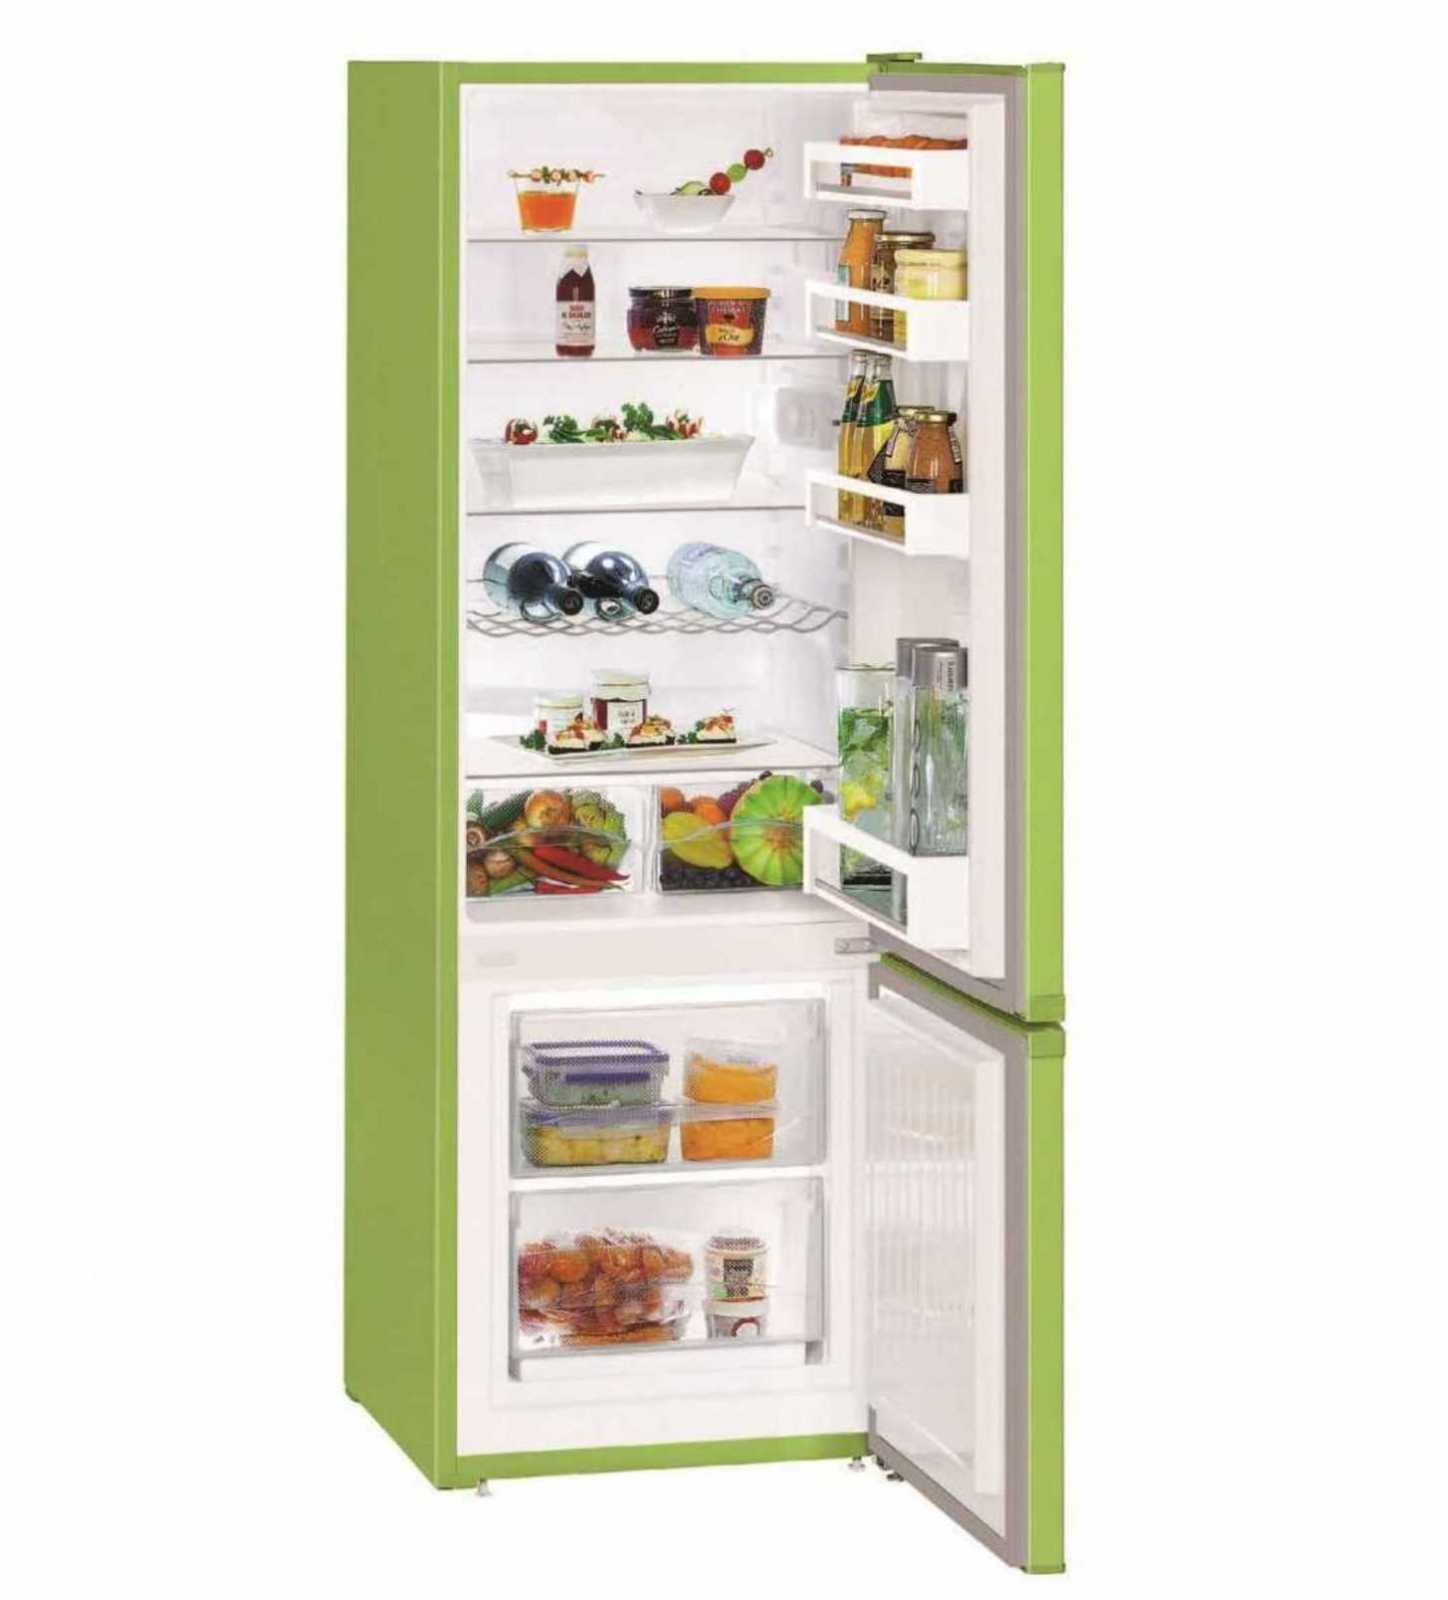 Двухкамерный холодильник Liebherr CUkw 2831 купить украина